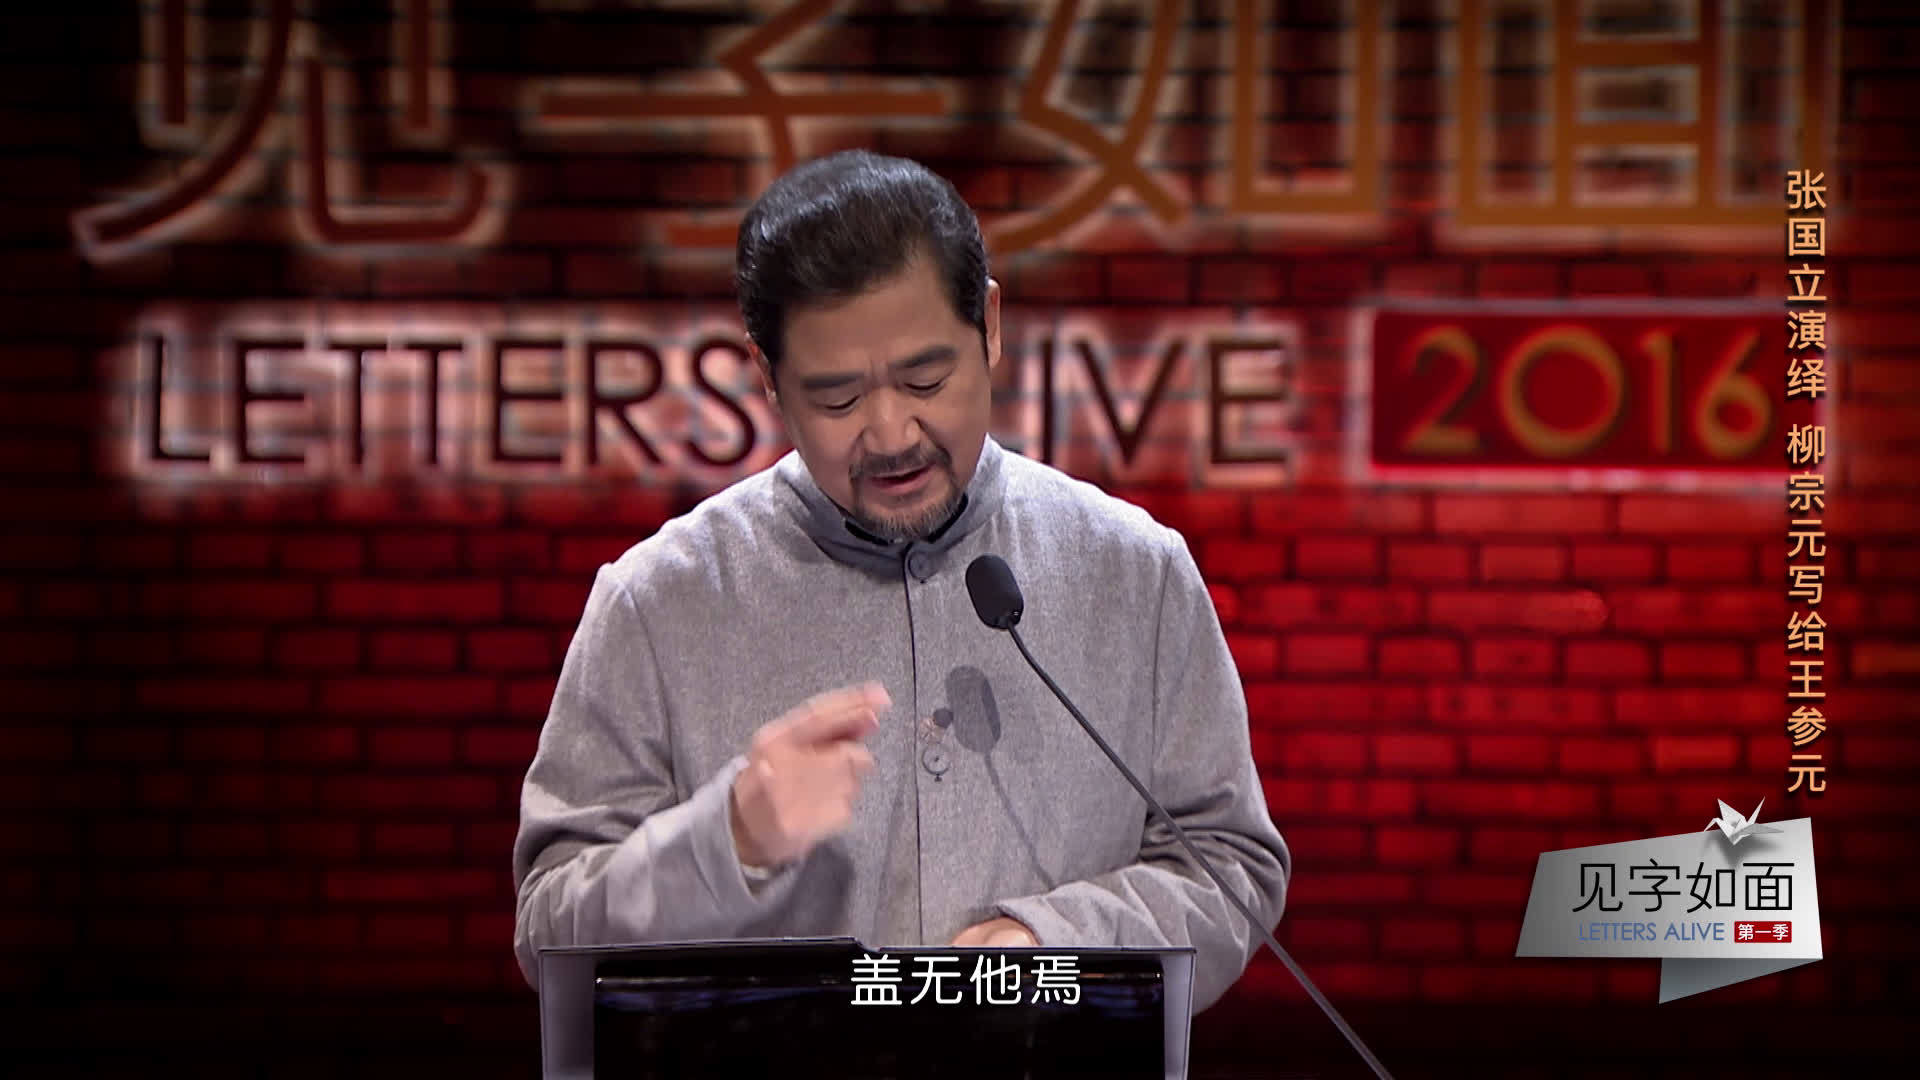 柳宗元的朋友王参元家着了大火,柳宗元却把慰问信写成了祝贺信